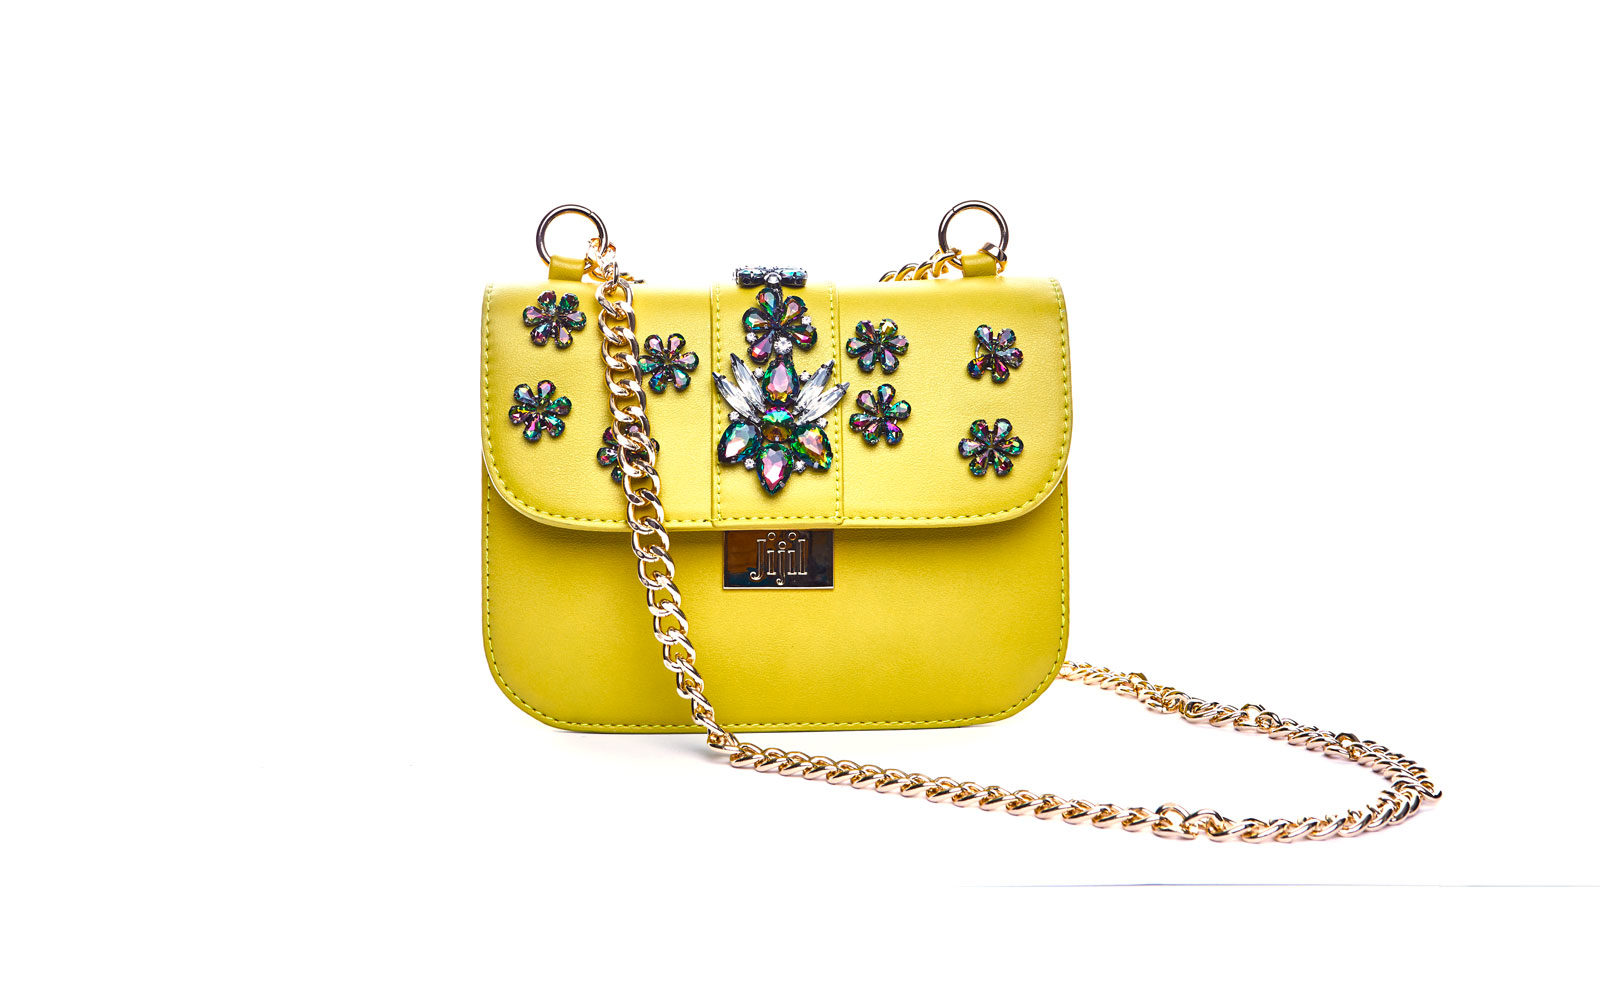 JIJILL borsa piccola in ecopelle giallo e applicazioni in strass. 189 euro      www. jijil.it